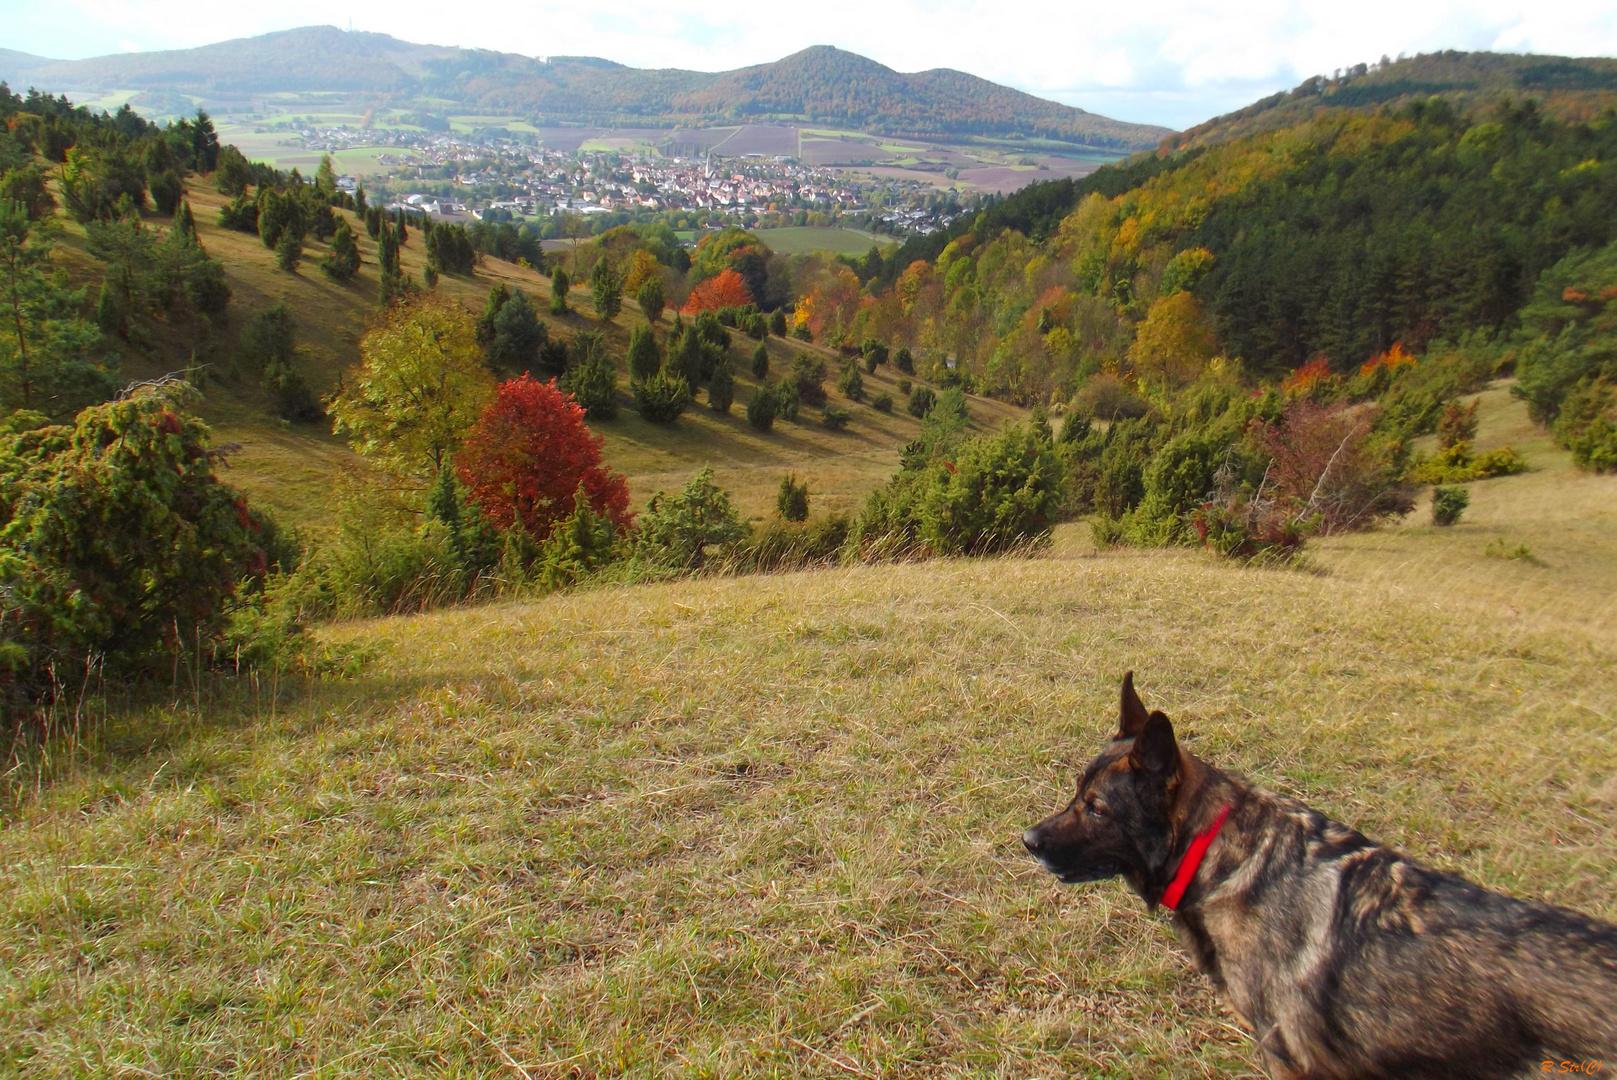 Herbst, die Zeit der vielen Farben